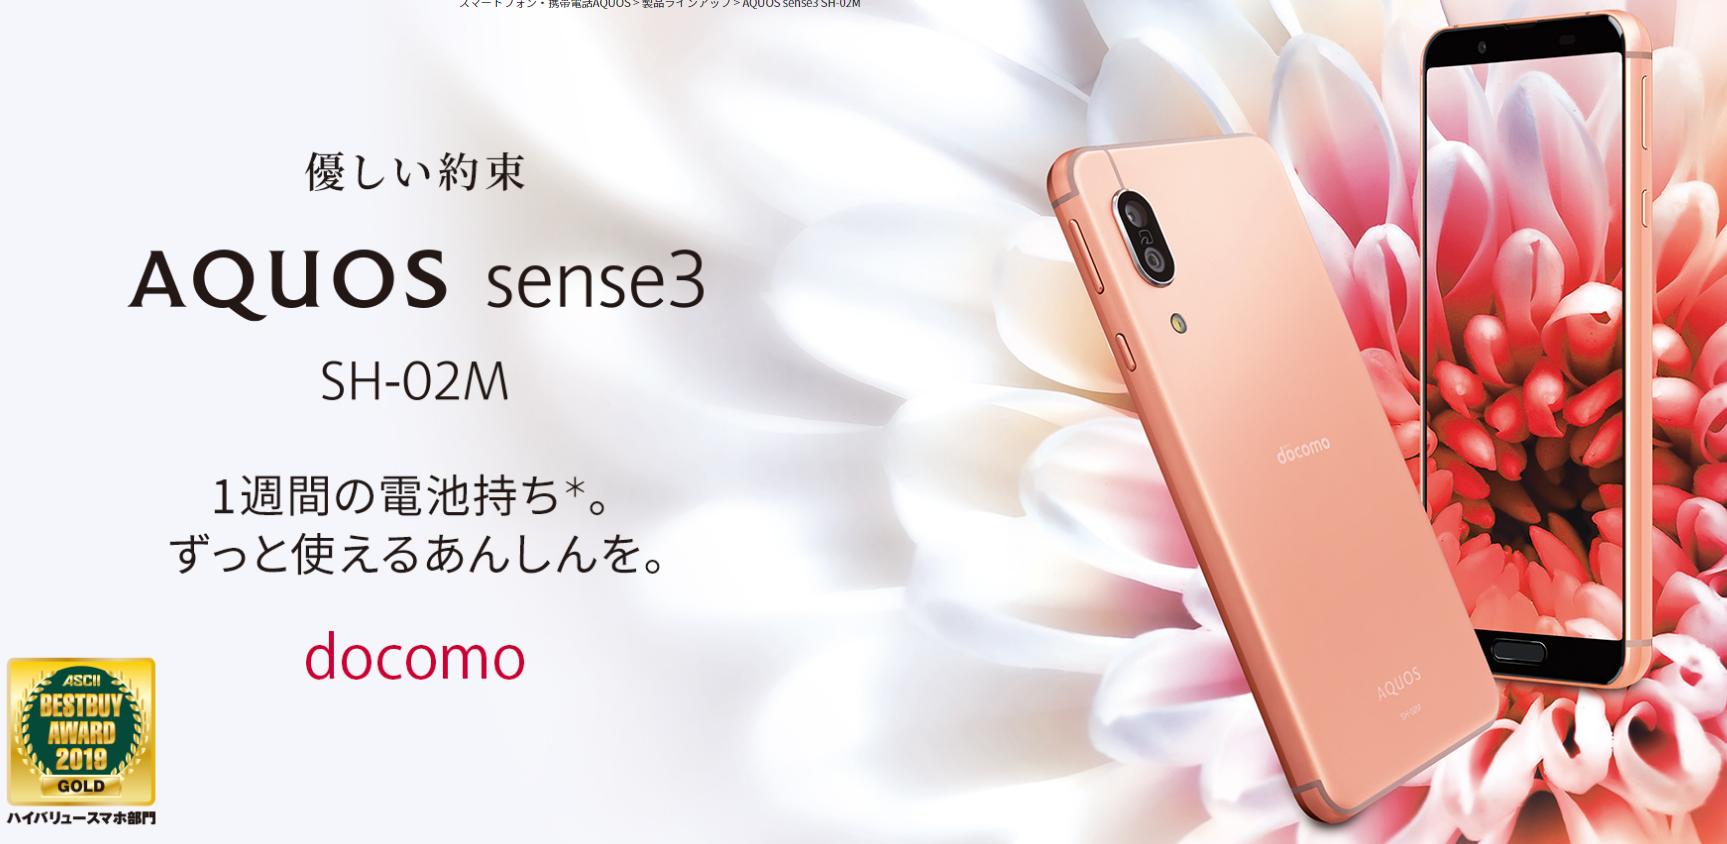 ドコモAQUOS sense3